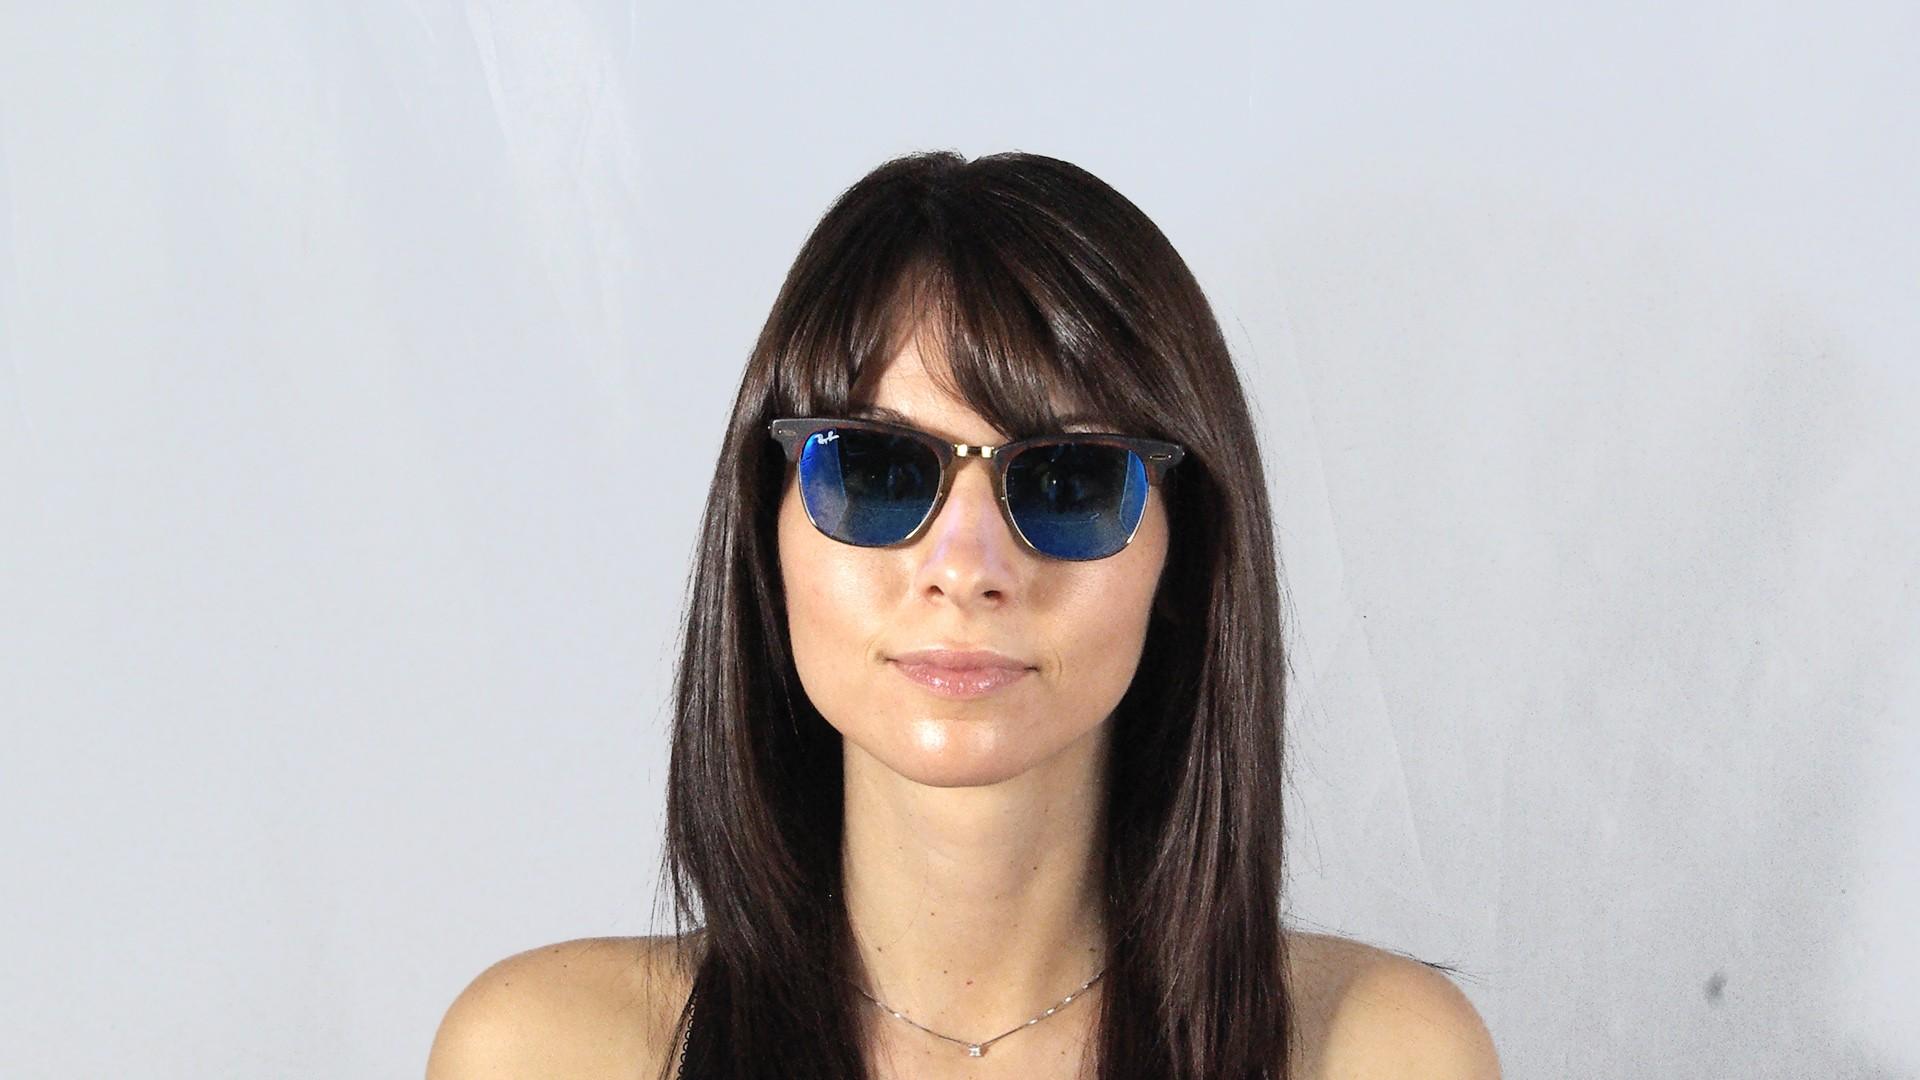 0b726492bdc4eb Lunettes de soleil Ray-Ban Clubmaster Écaille Mat Flash Lenses RB3016  1145 17 49-21 Small Verres Miroirs Bleus